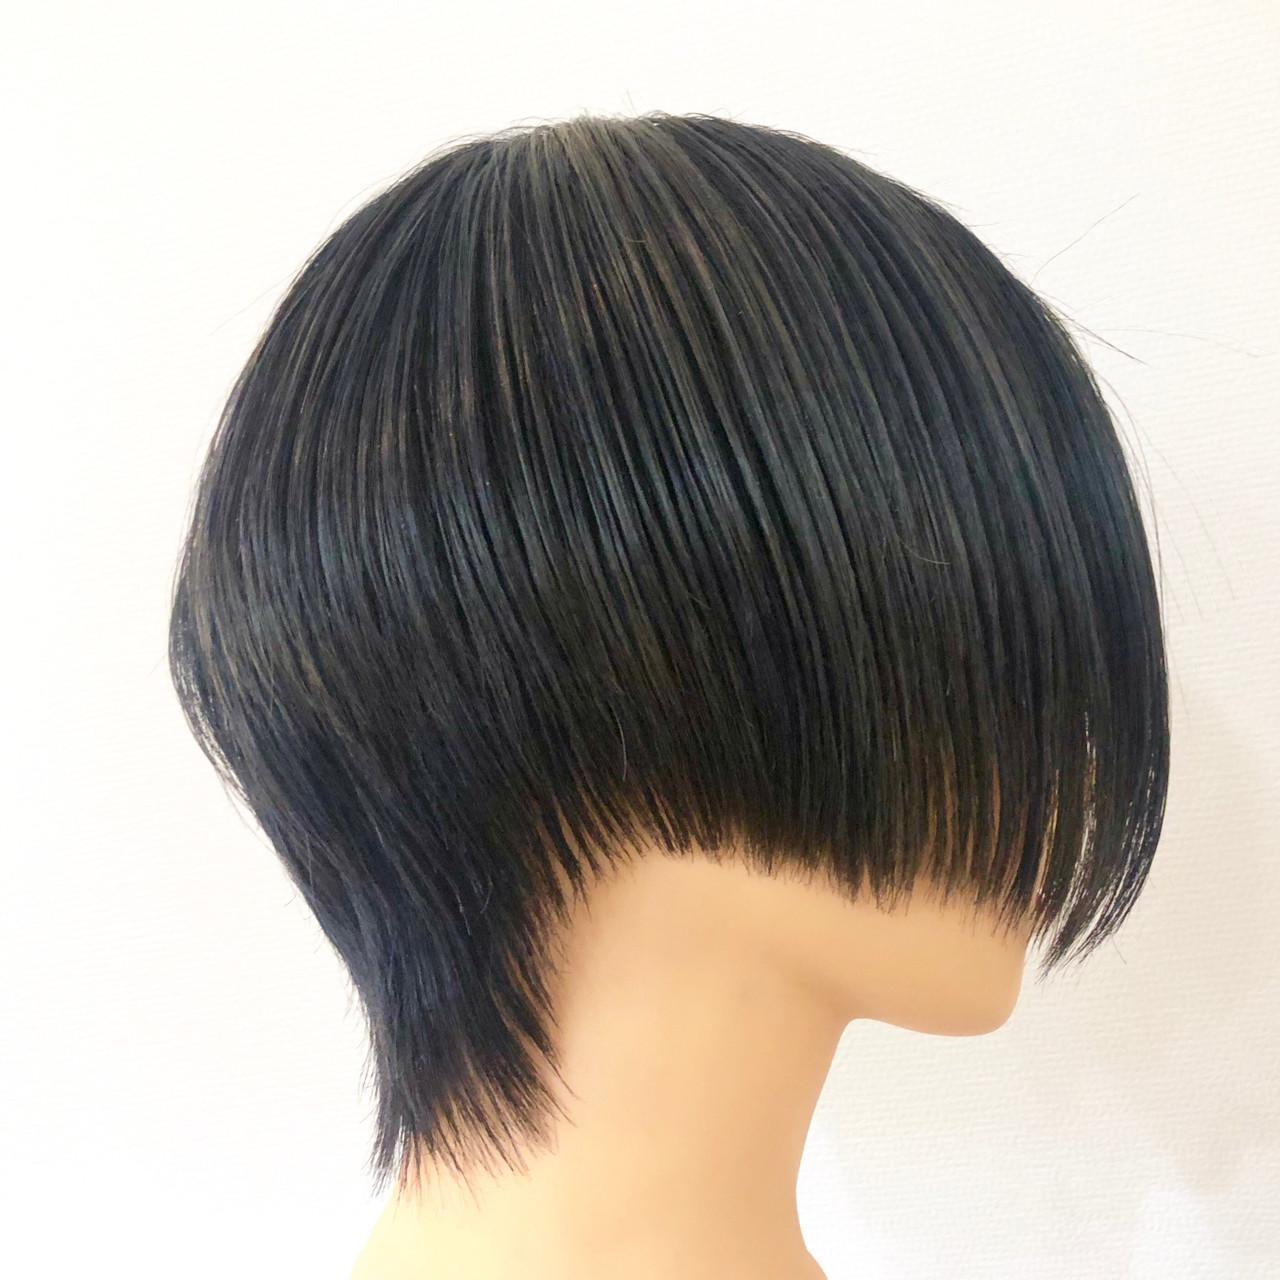 ハンサムショート ショート ショートヘア ブリーチオンカラーヘアスタイルや髪型の写真・画像